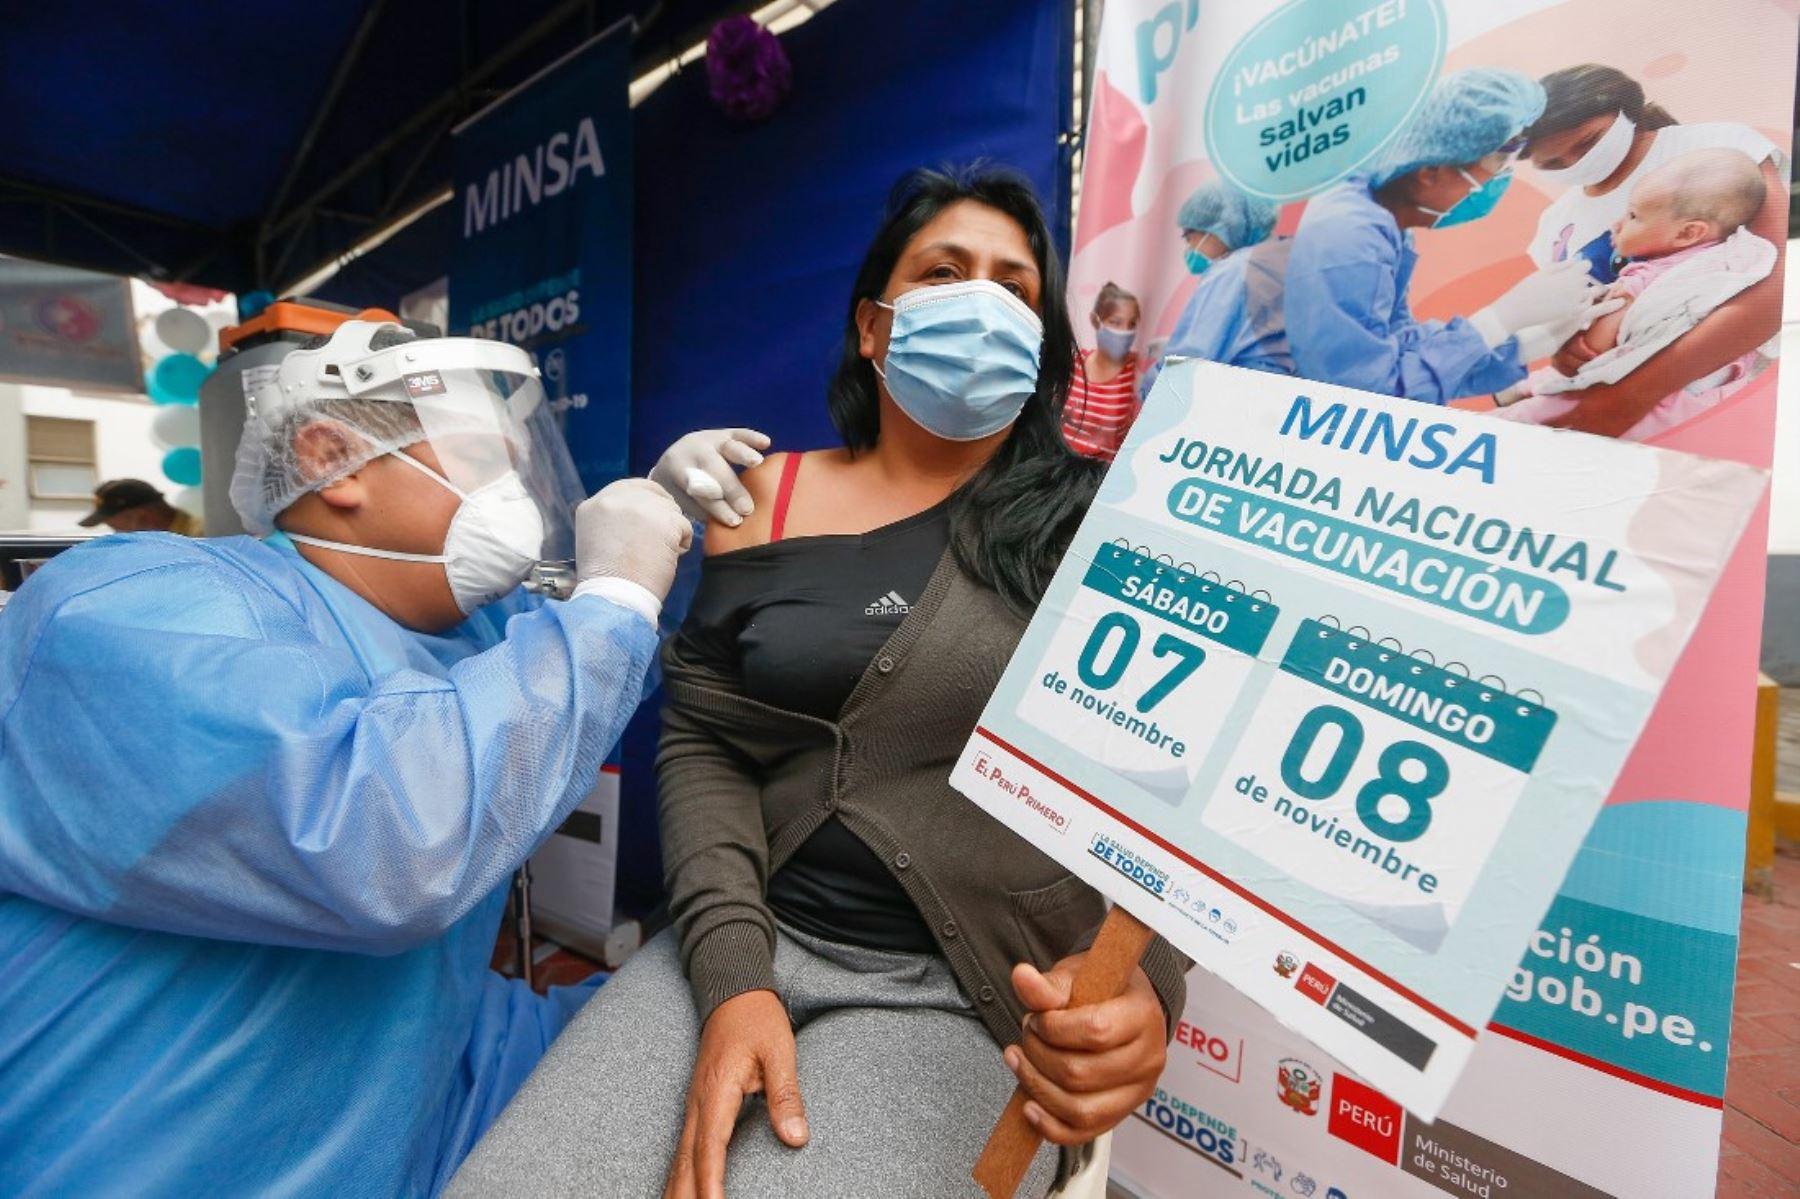 Vacunan contra la difteria a pacientes y trabajadores del Instituto Materno Perinatal. Foto: ANDINA/Difusión.